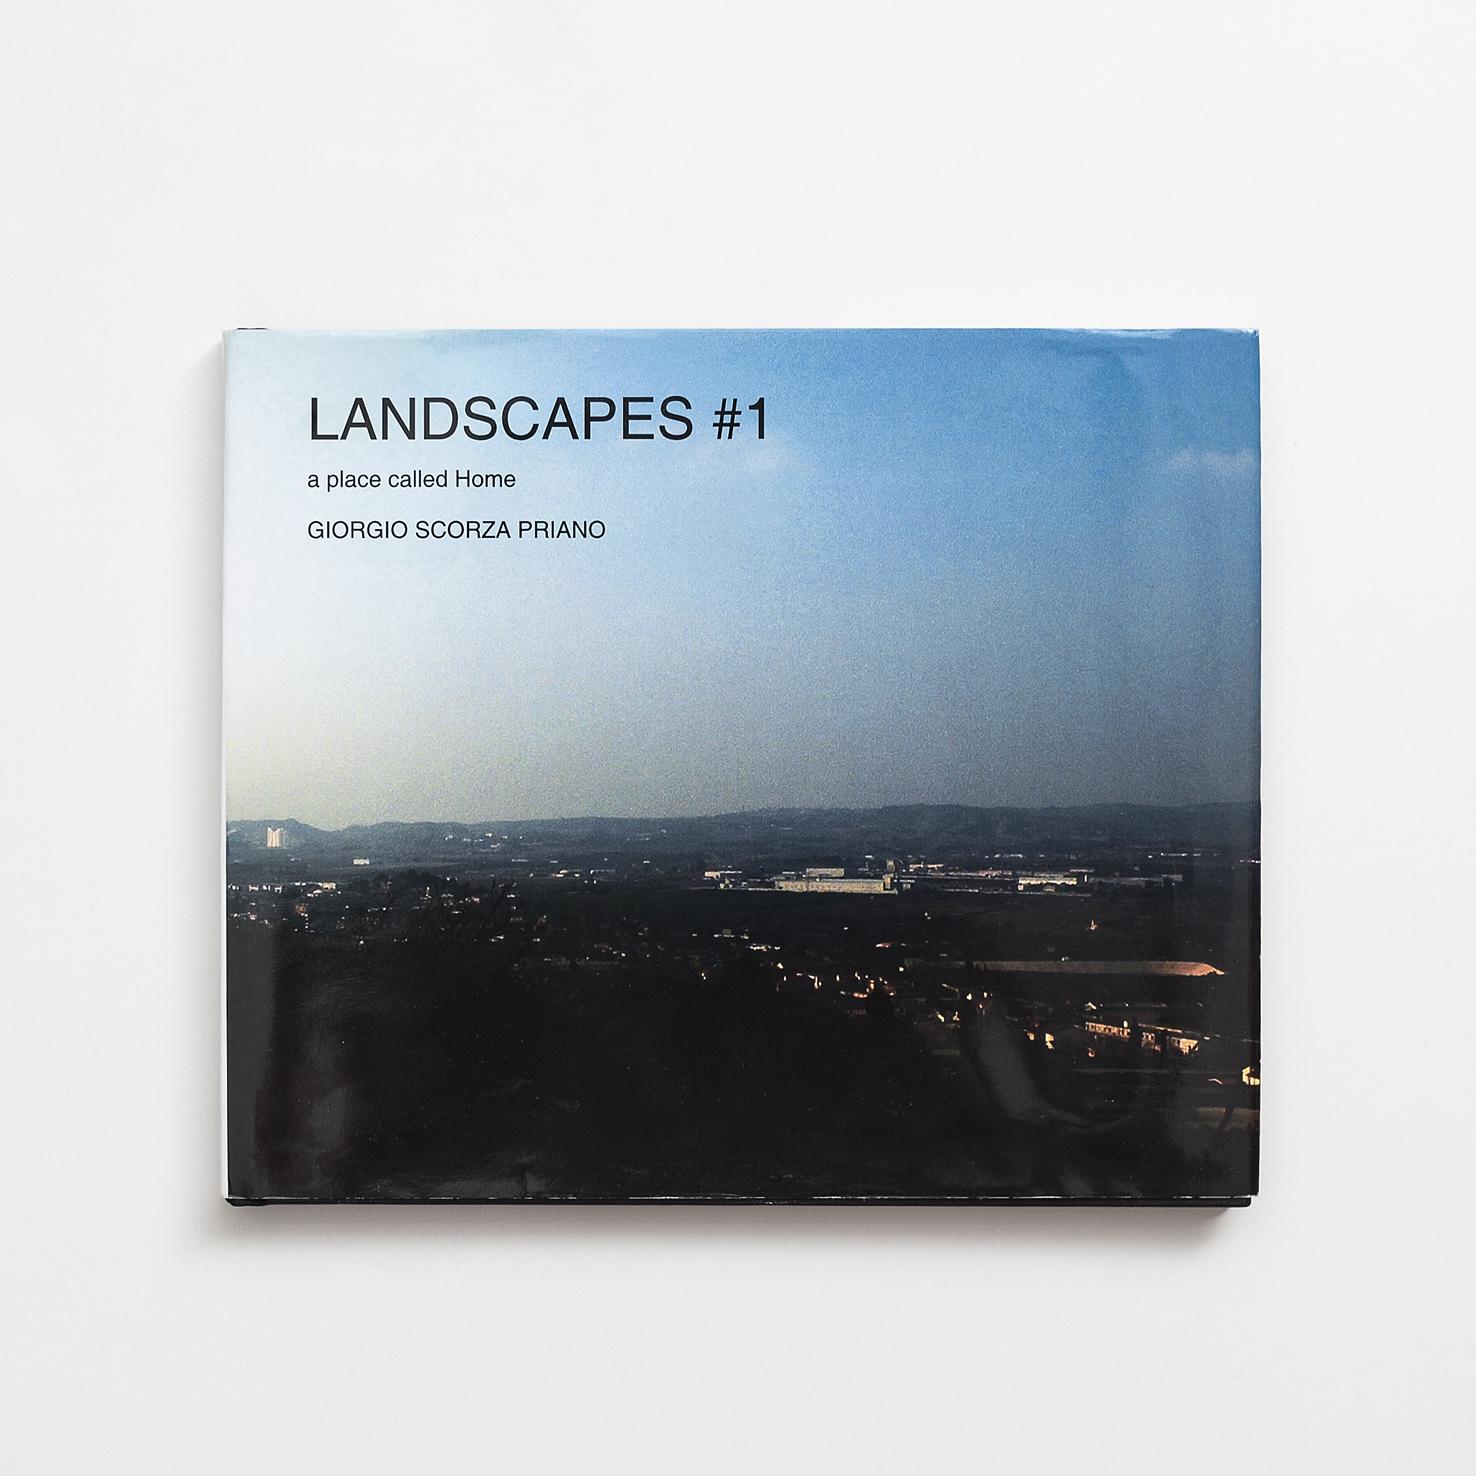 LANDSCAPES #1